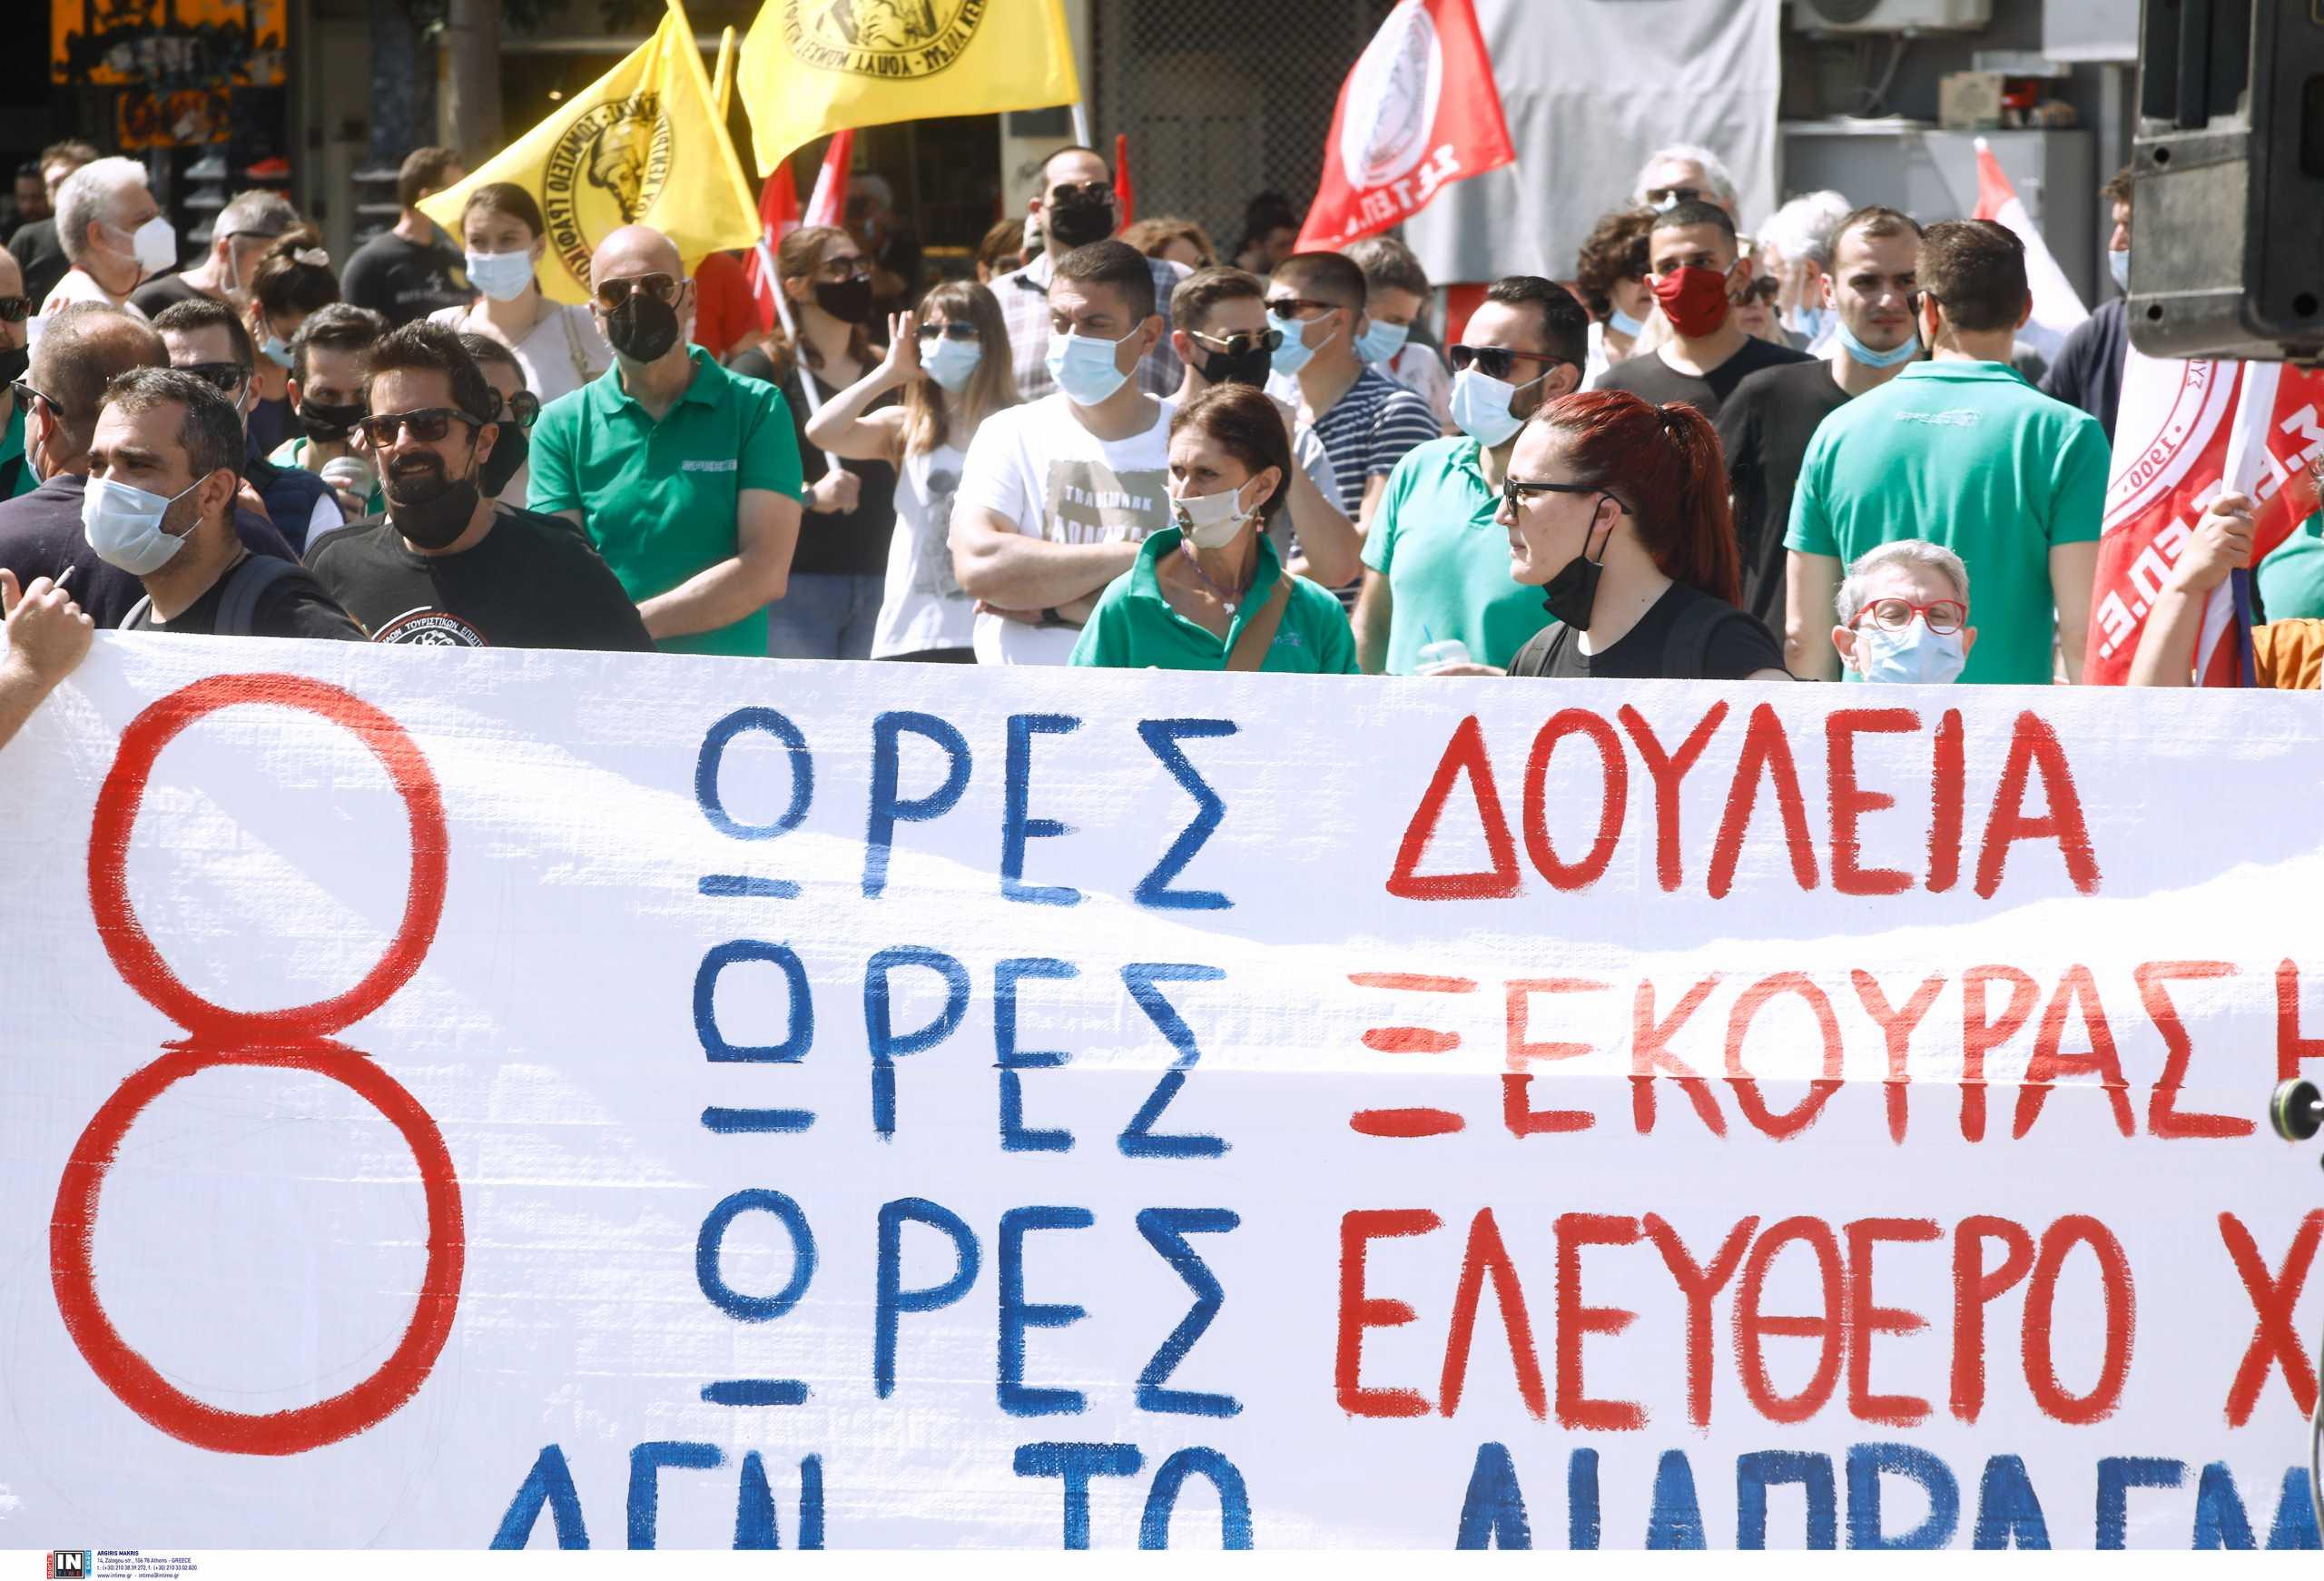 Απεργία: Πυρσοί και συνθήματα στις πορείες της Θεσσαλονίκης – Εικόνες από το κέντρο της πόλης